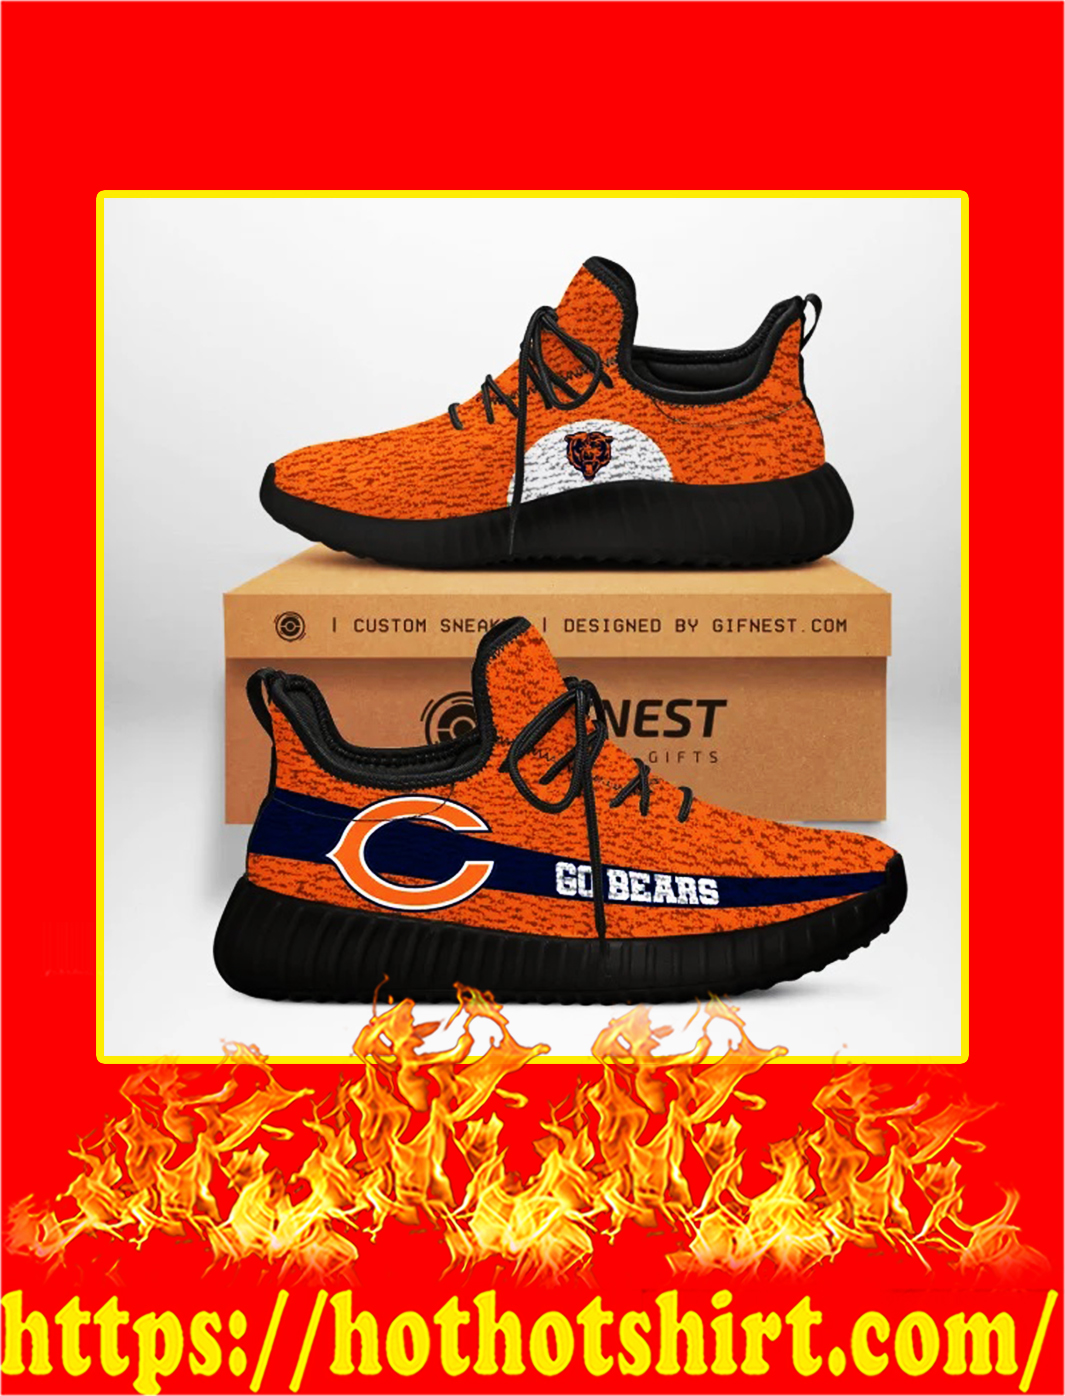 Go Bears Chicago Bears NFL Yeezy Sneaker